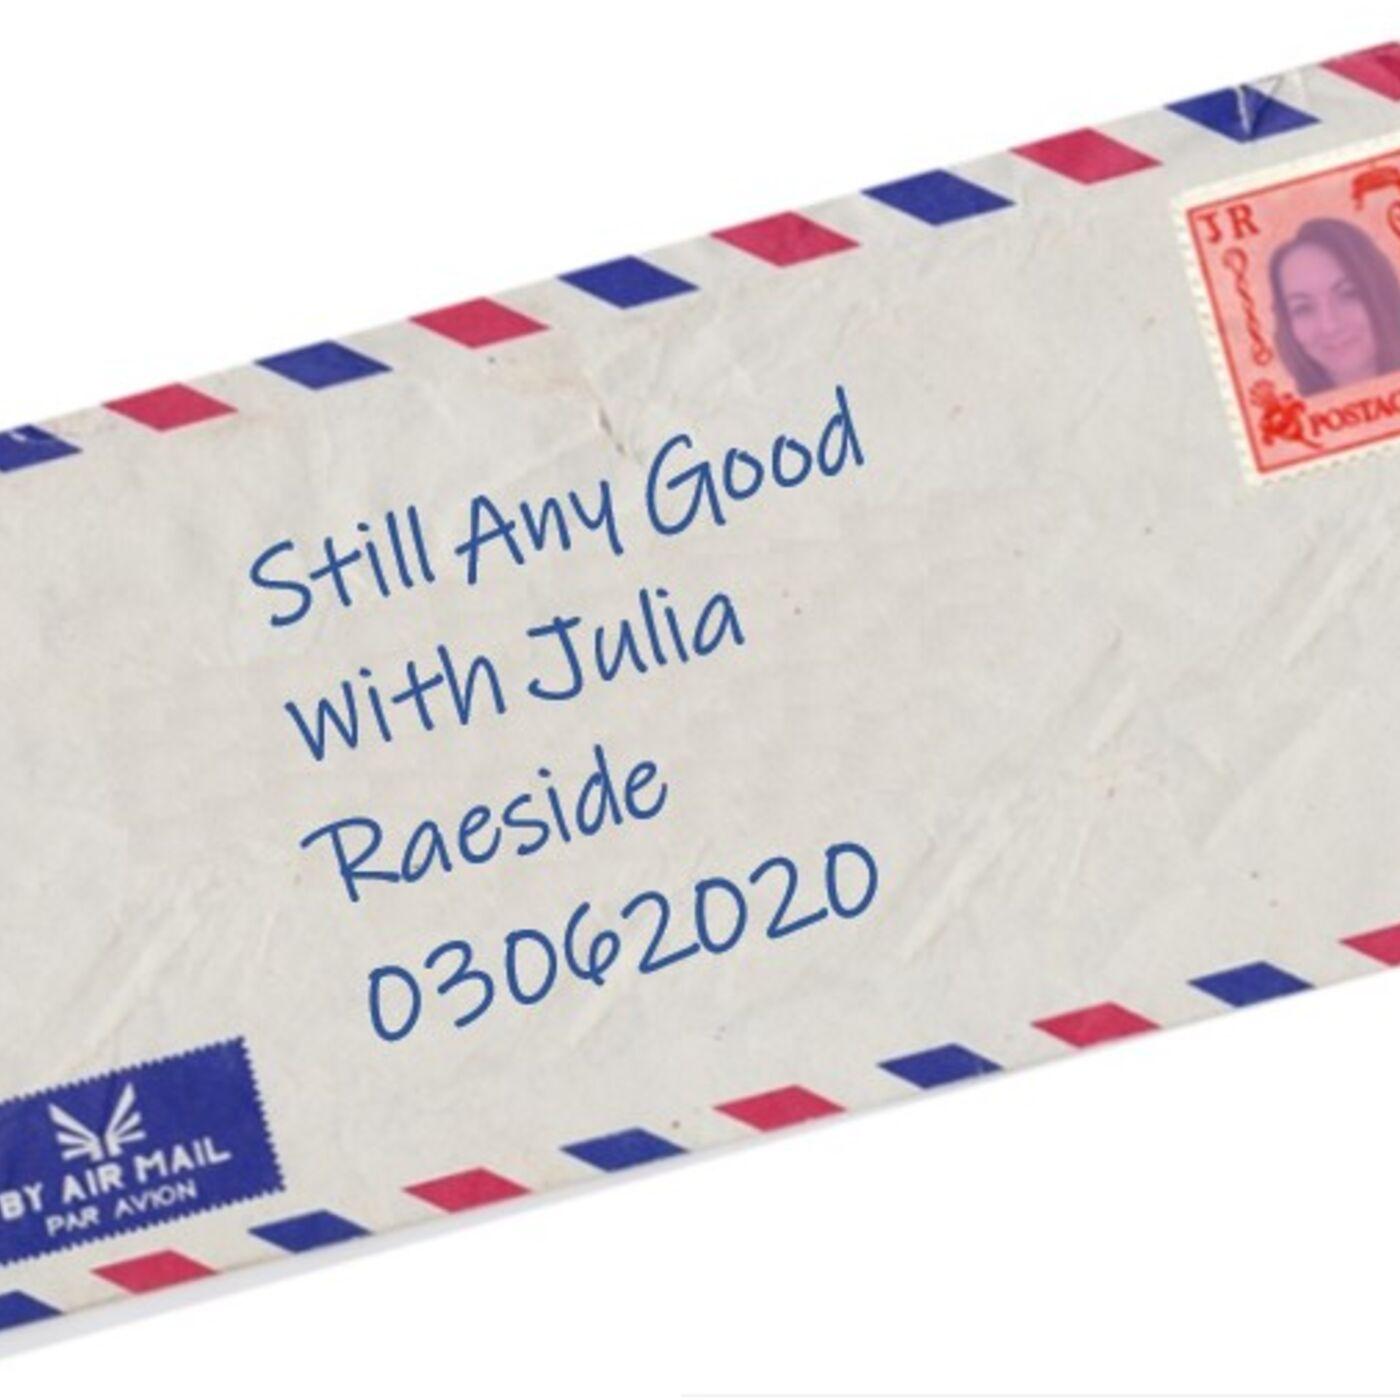 51. Dead Letter Office (w. Julia Raeside)